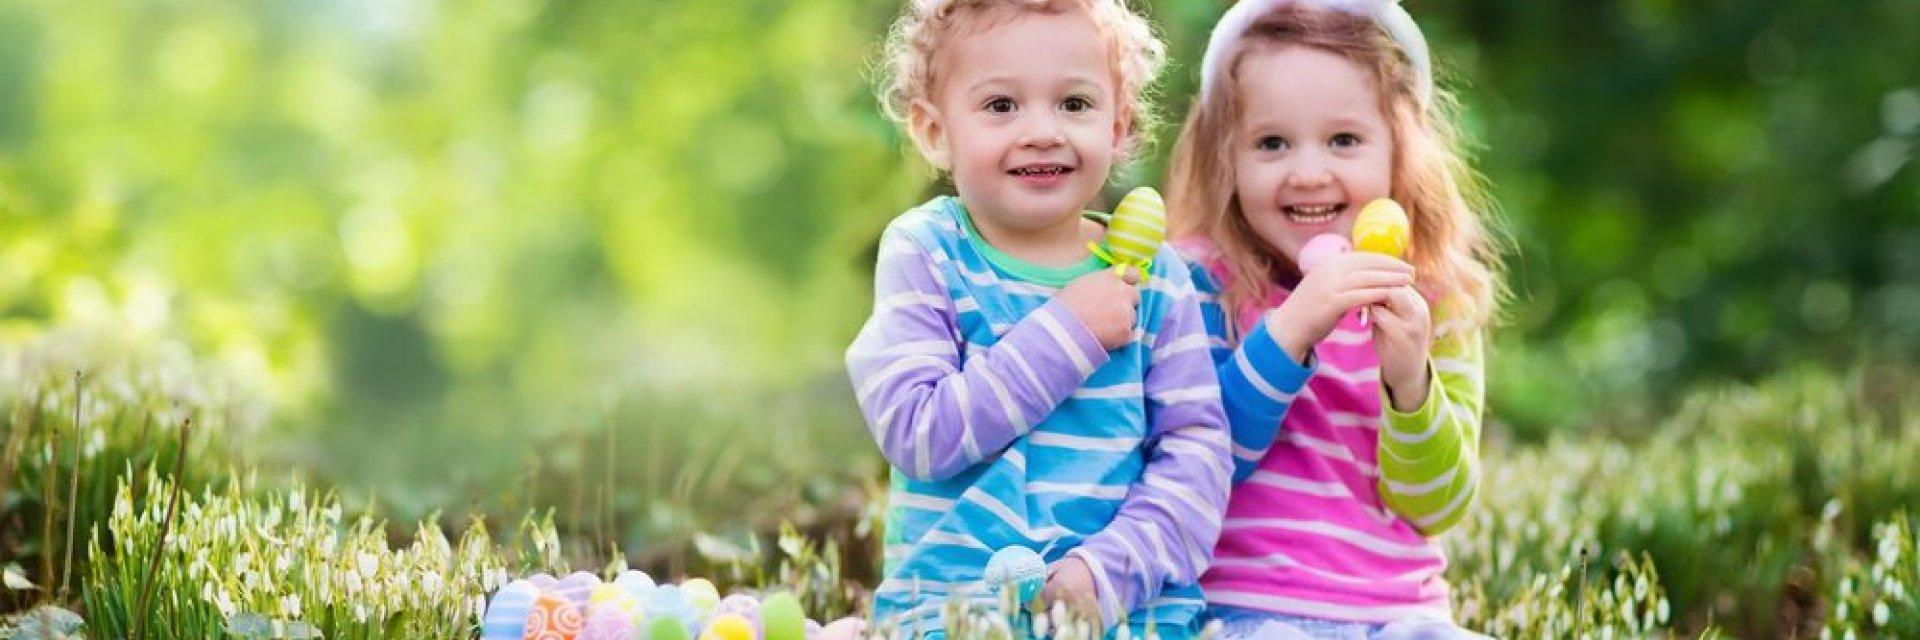 Wielkanoc 2020 nad samym morzem - Dzieci w promocyjnej cenie!